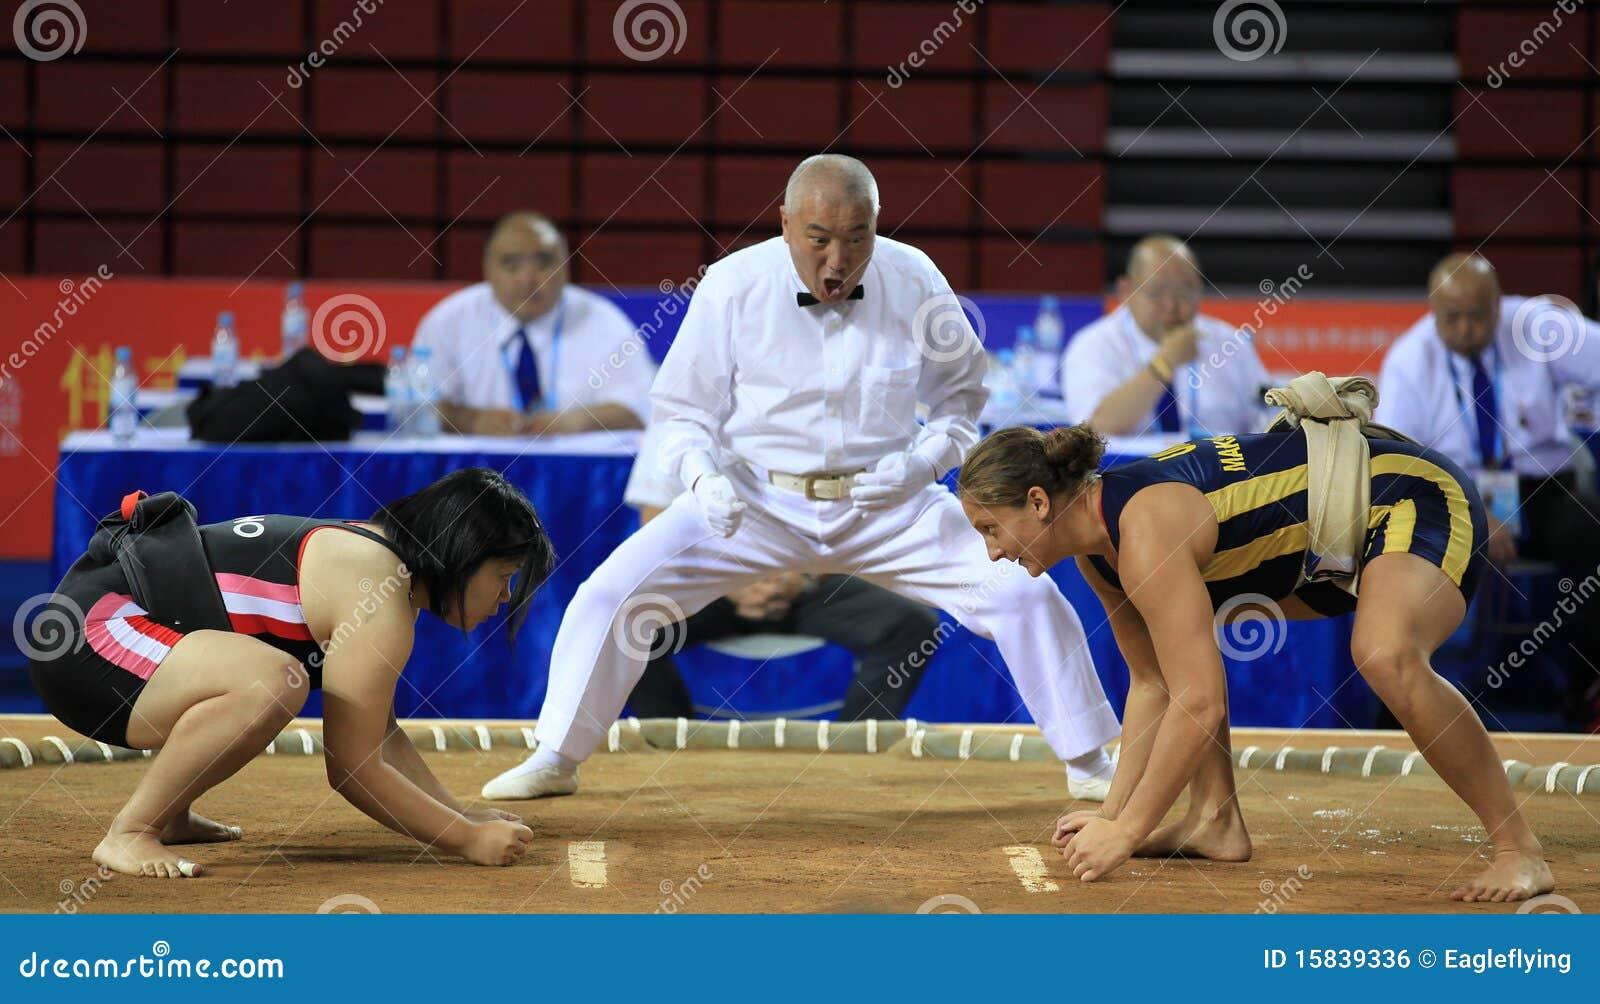 mujeres entre juegos lucha de